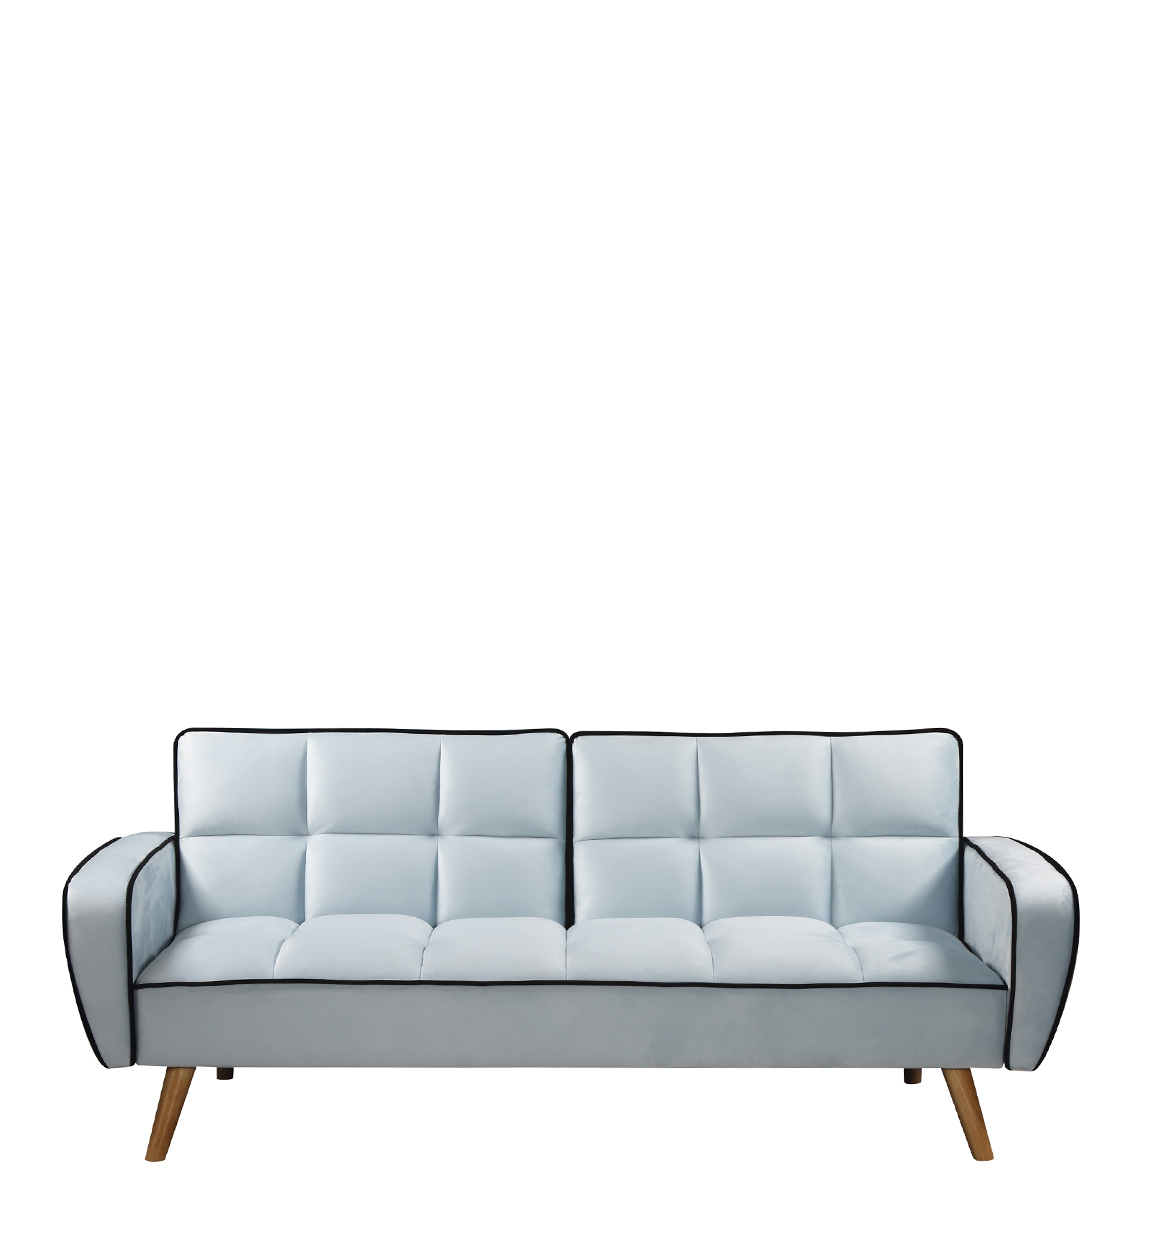 Canapé lit 2 places en velours bleu clair